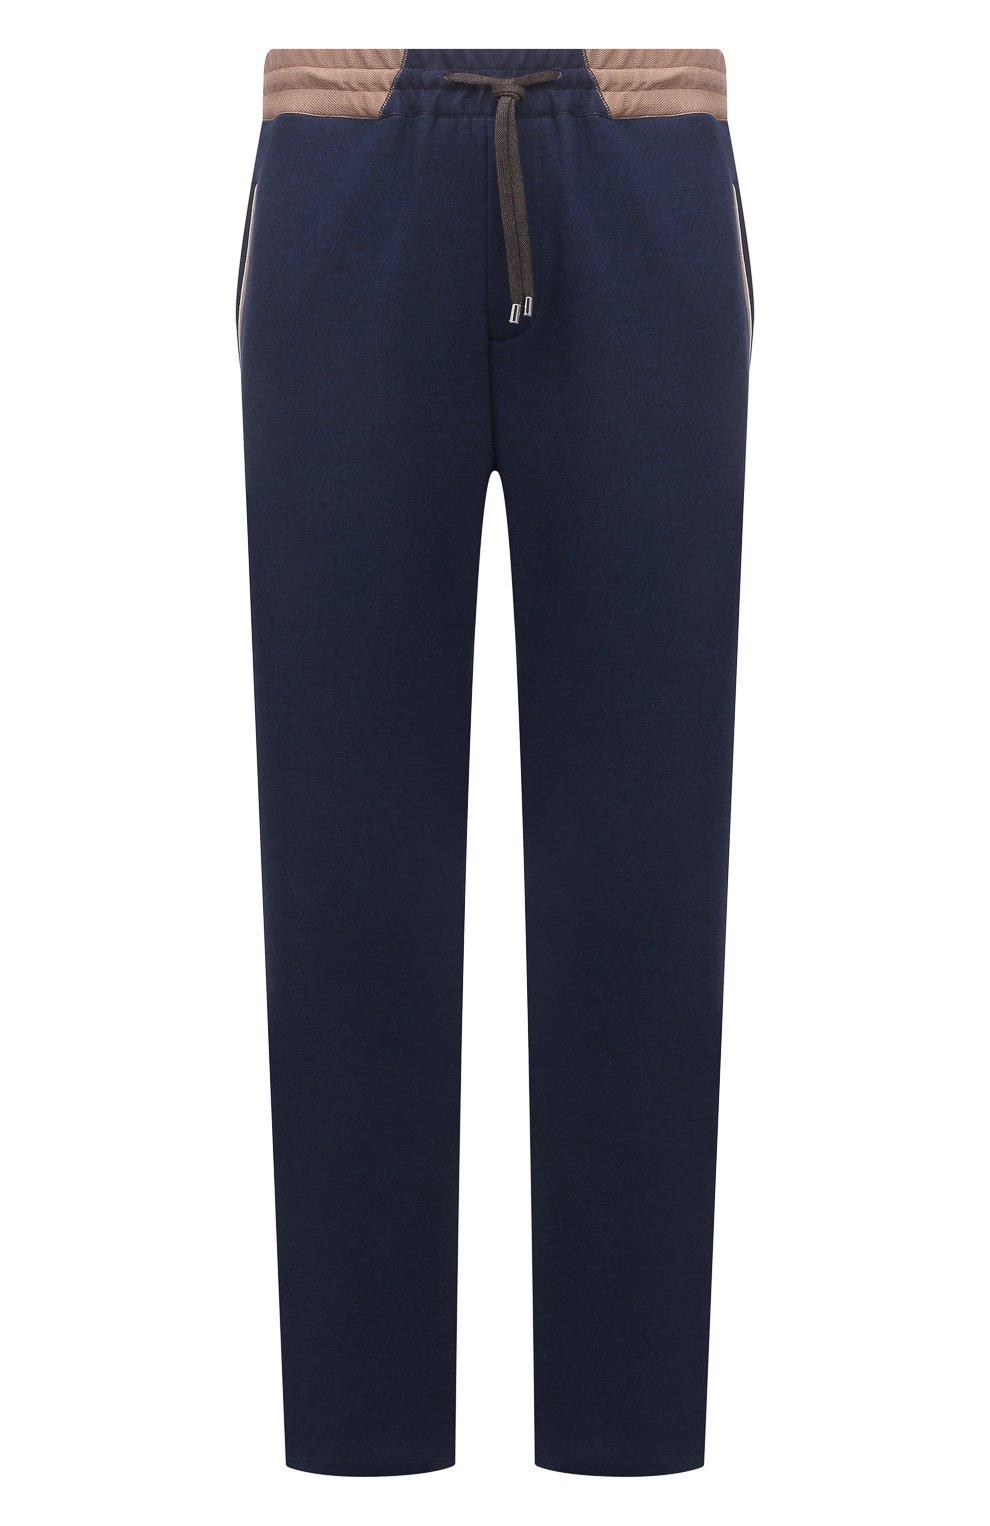 Мужские хлопковые брюки CORTIGIANI синего цвета, арт. 114612/0000/60-70 | Фото 1 (Big sizes: Big Sizes; Длина (брюки, джинсы): Стандартные; Кросс-КТ: Спорт; Материал внешний: Хлопок; Стили: Спорт-шик)